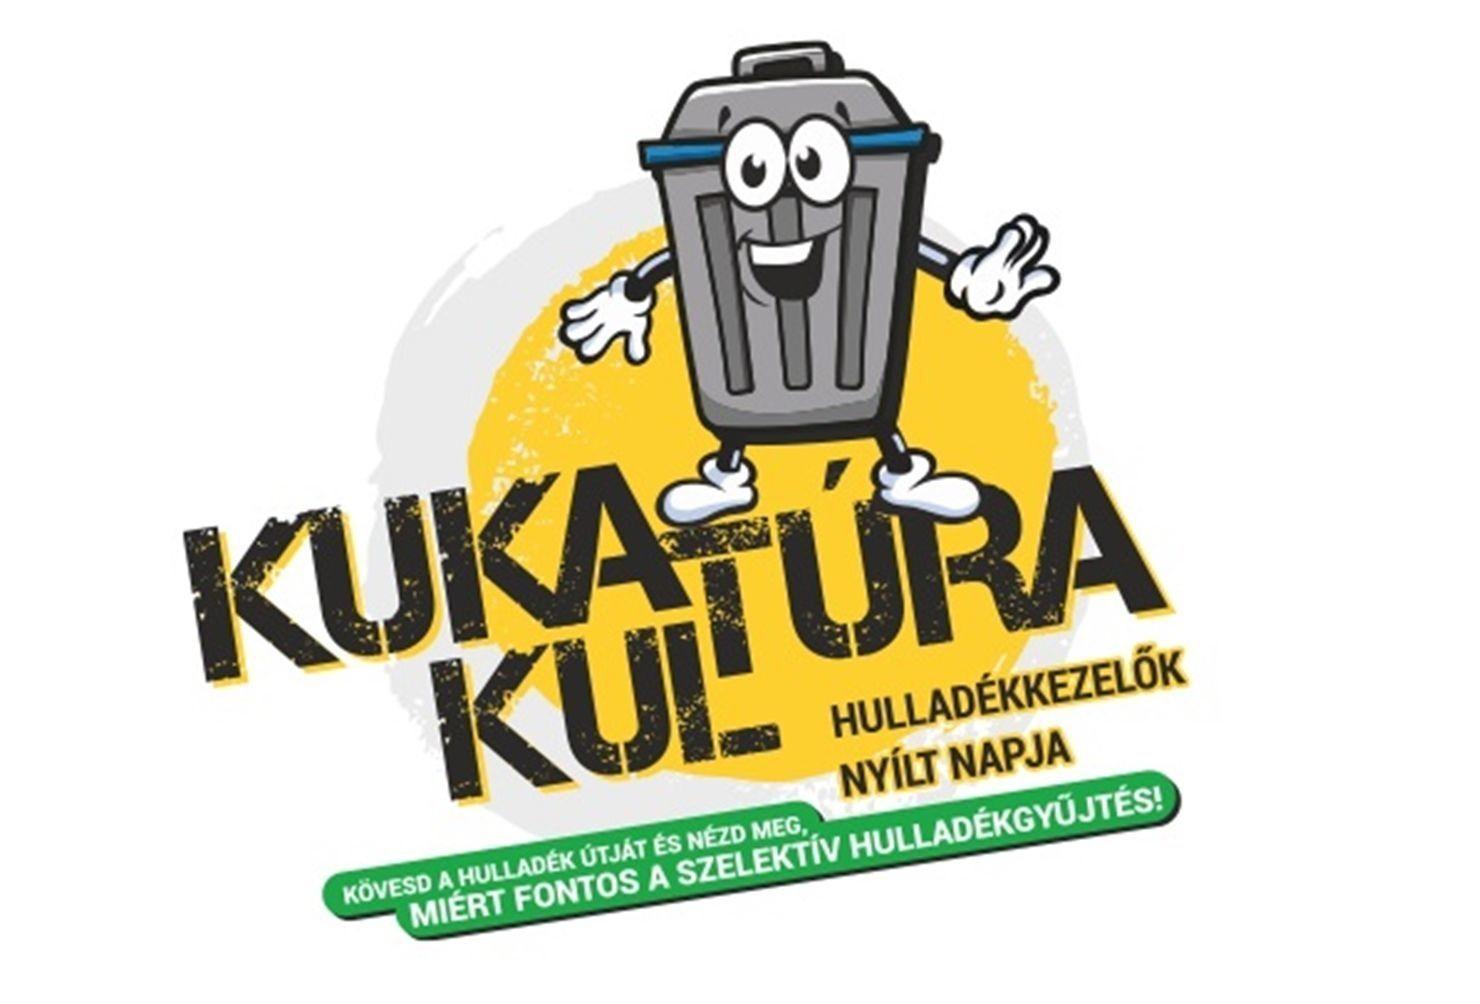 Idén újra megrendezésre kerül a KUKAkulTÚRA, azaz a Hulladékkezelők Nyílt Napja